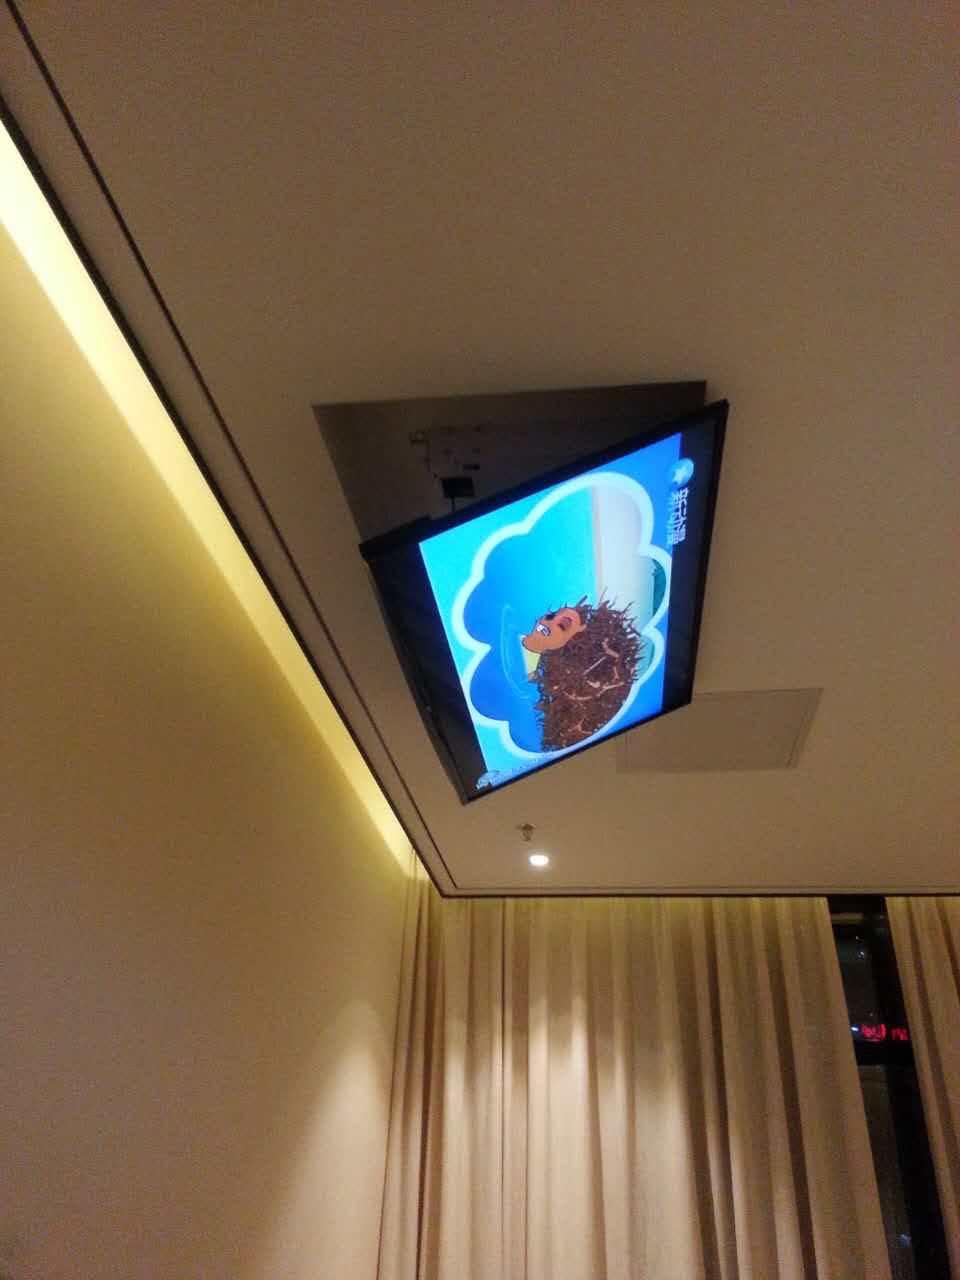 Eversion Motorized electric ceiling Led lcd tv lift mount hanger holder remote control function 110v-250v ,Fit for 32